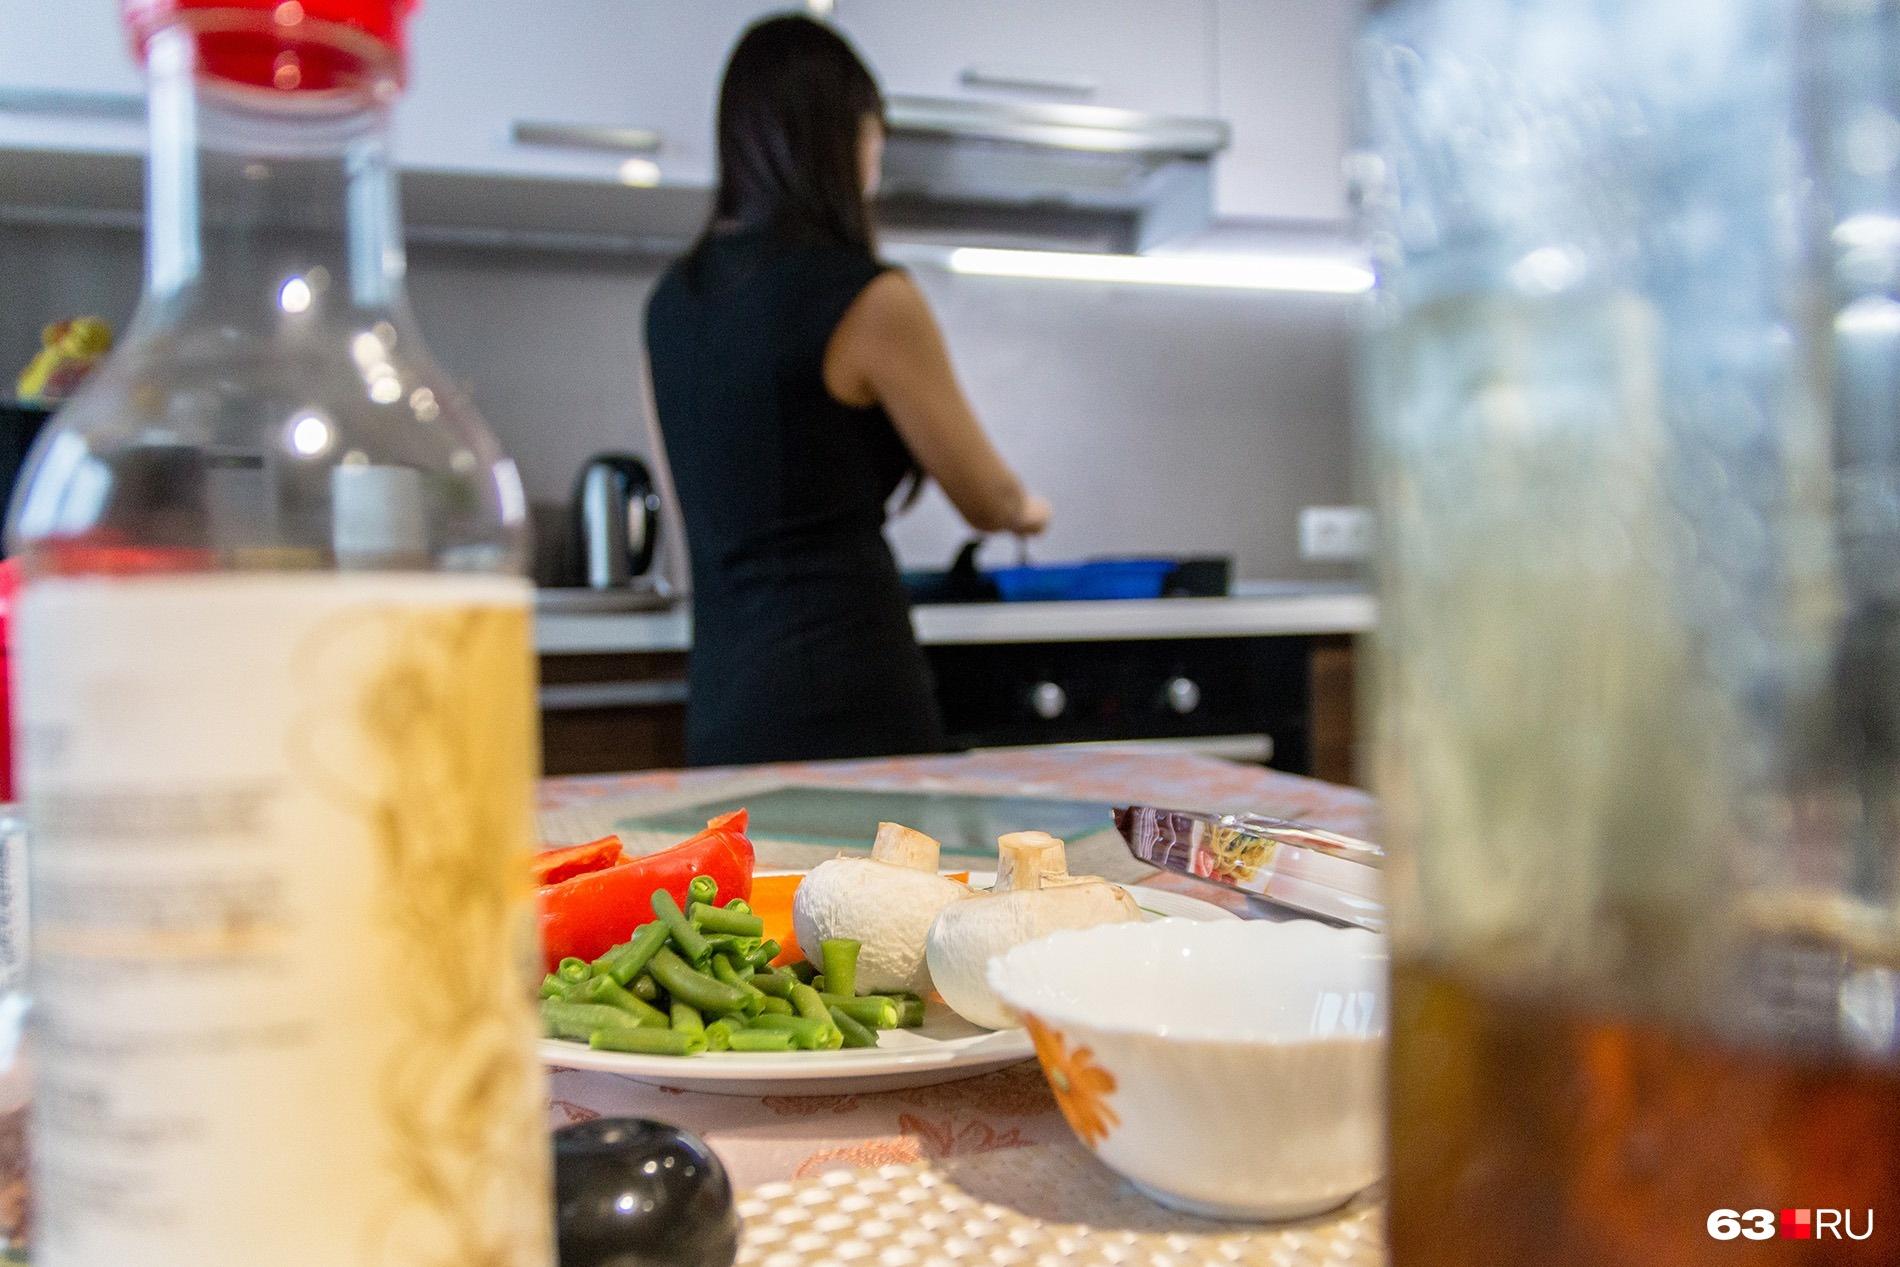 Откажетесь от еды — получите проблемы с нервами и лишним весом